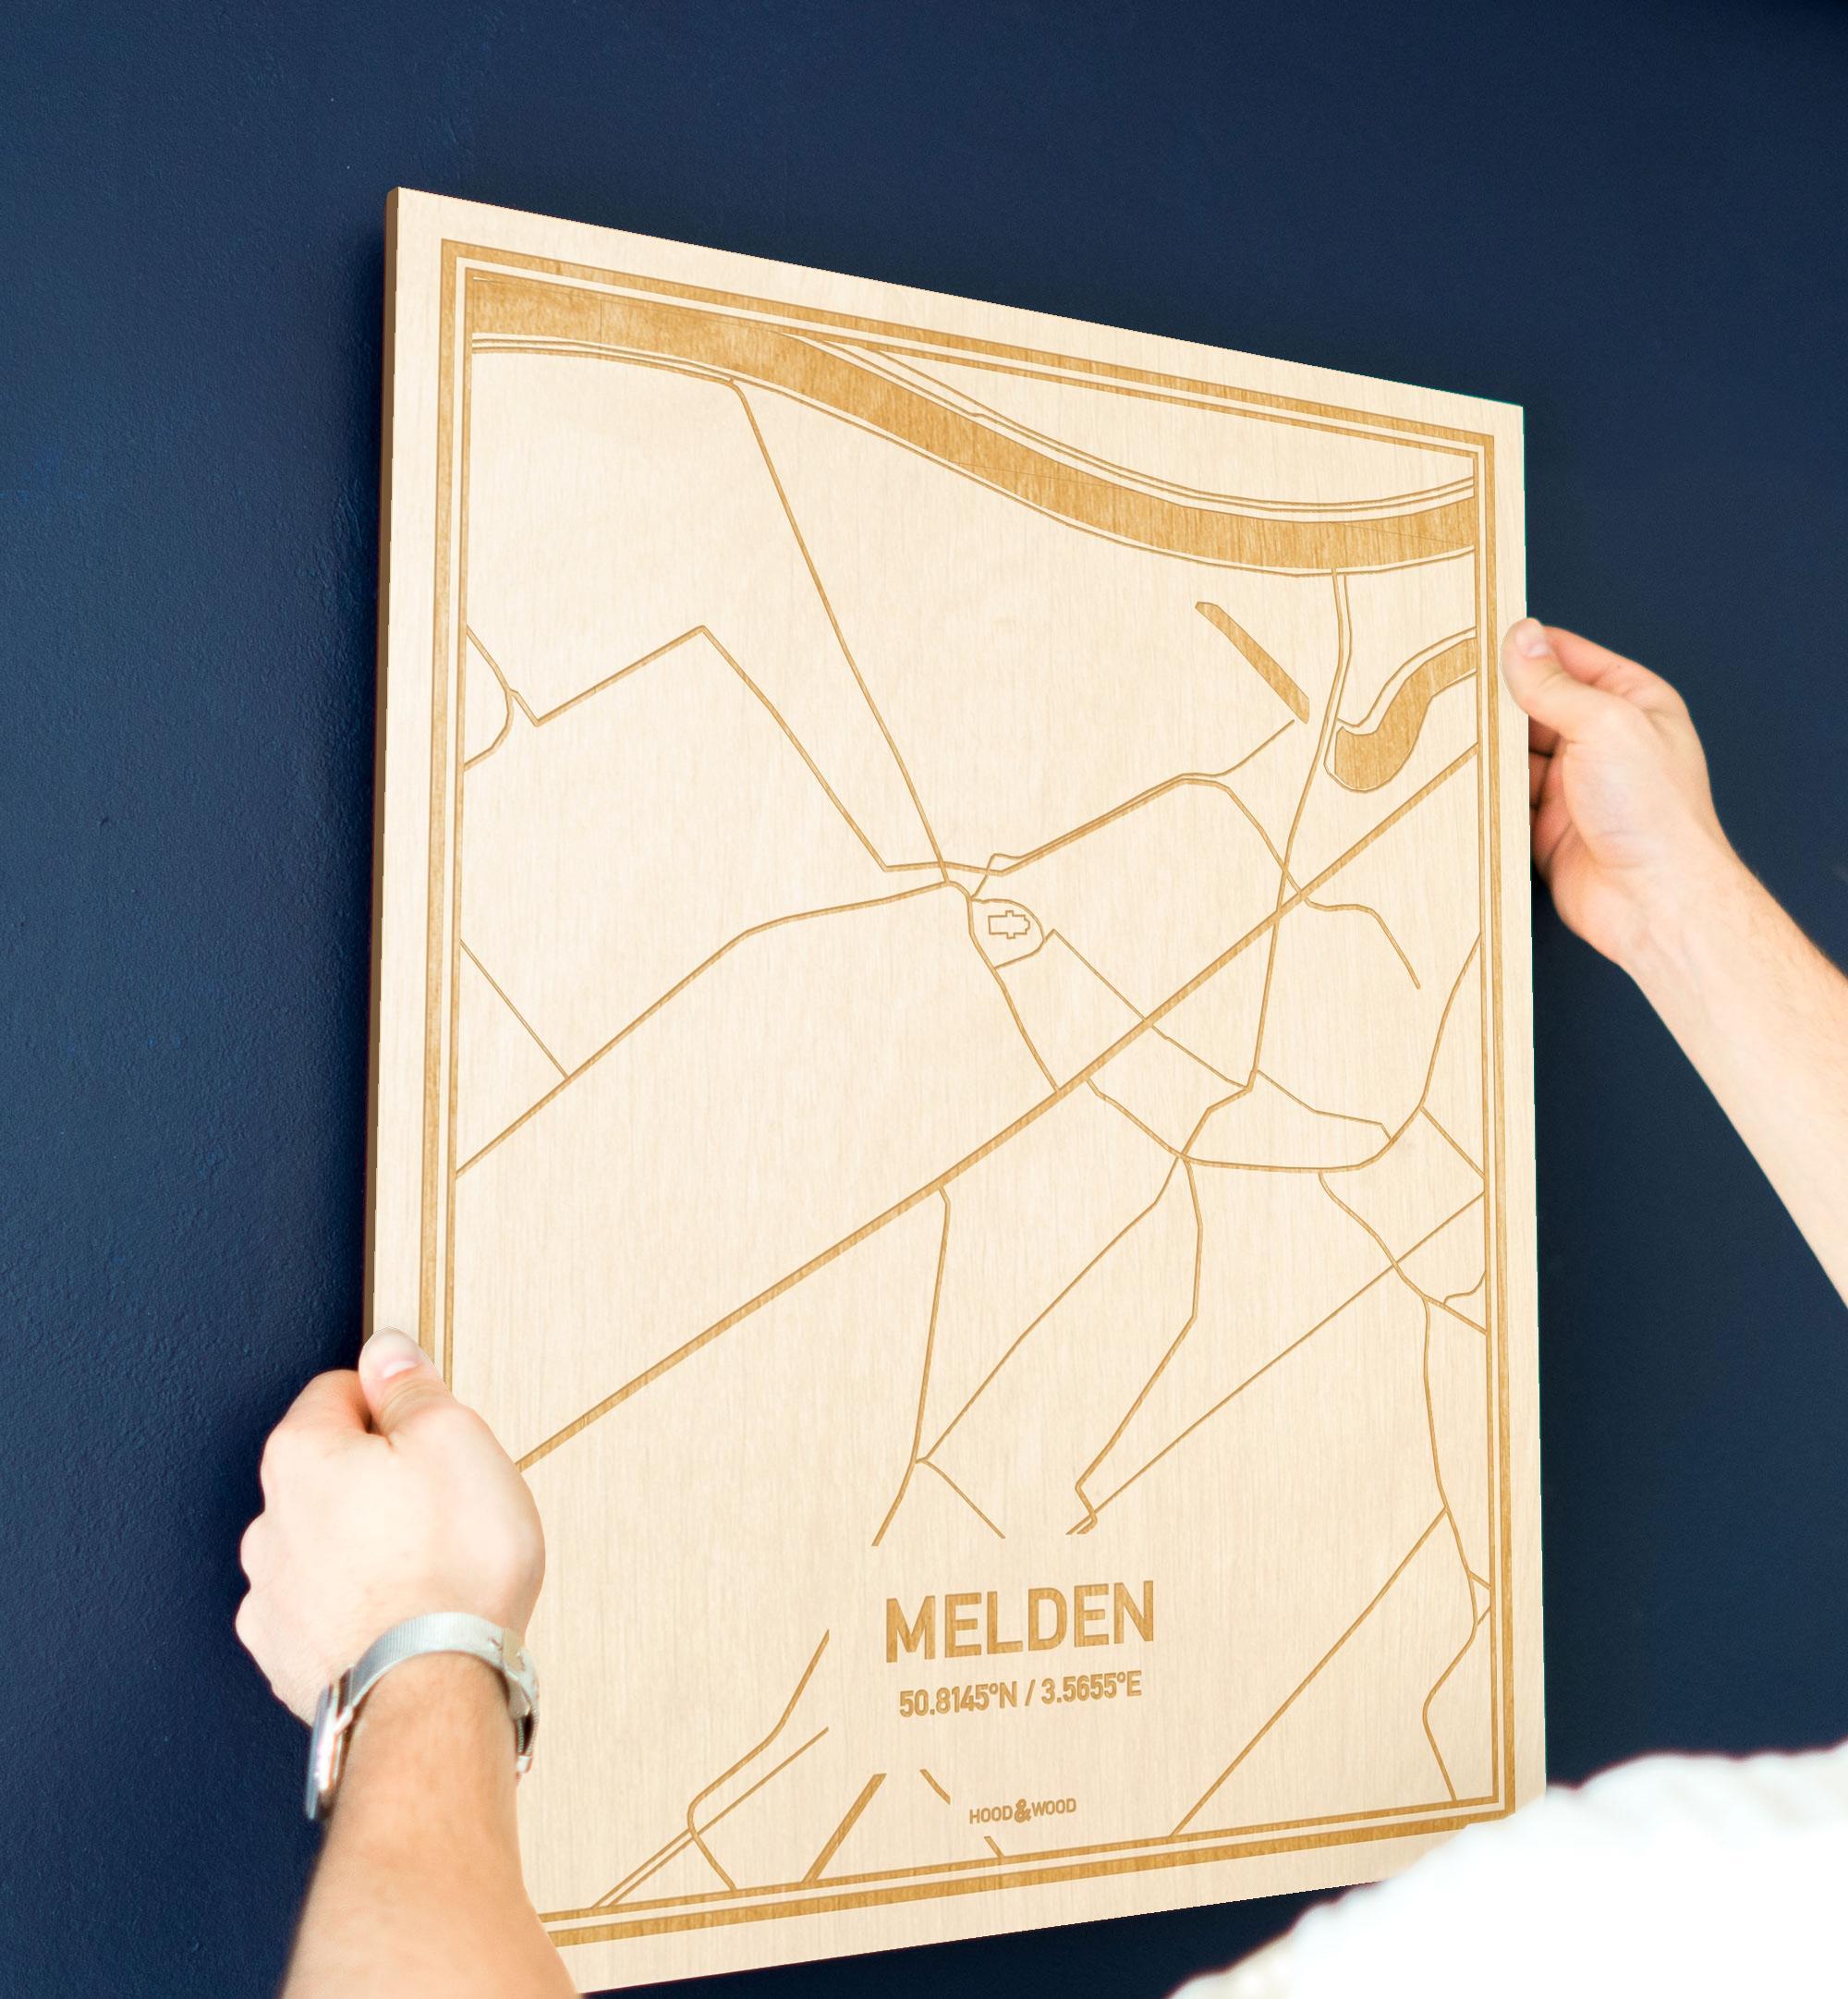 Een man hangt de houten plattegrond Melden aan zijn blauwe muur ter decoratie. Je ziet alleen zijn handen de kaart van deze unieke in Oost-Vlaanderen  vasthouden.